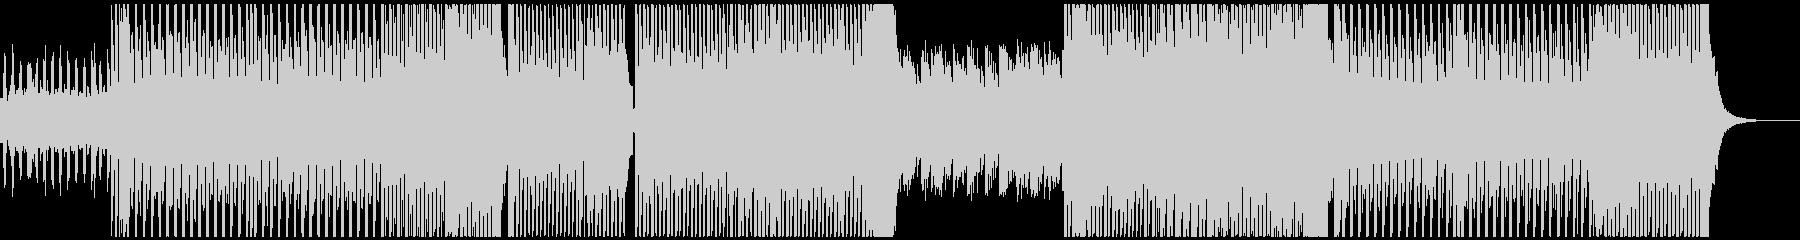 エレクトロなBGMです。の未再生の波形